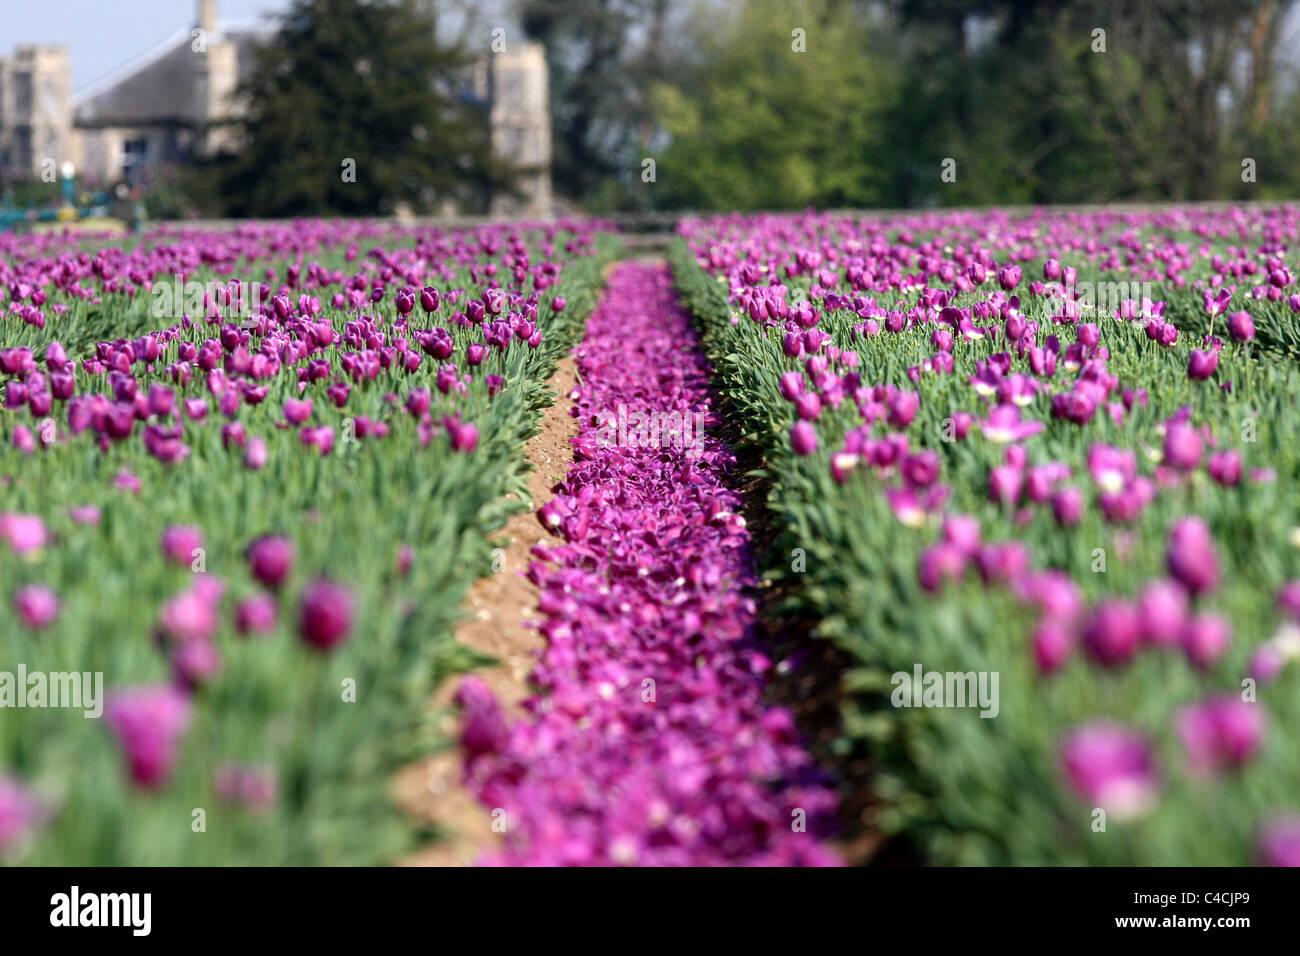 L'ultimo dei 20 milioni di tulipani essendo 'INTITOLATA' nel campo di tulipani nei pressi di NARBOROUGH,Norfolk. Immagini Stock